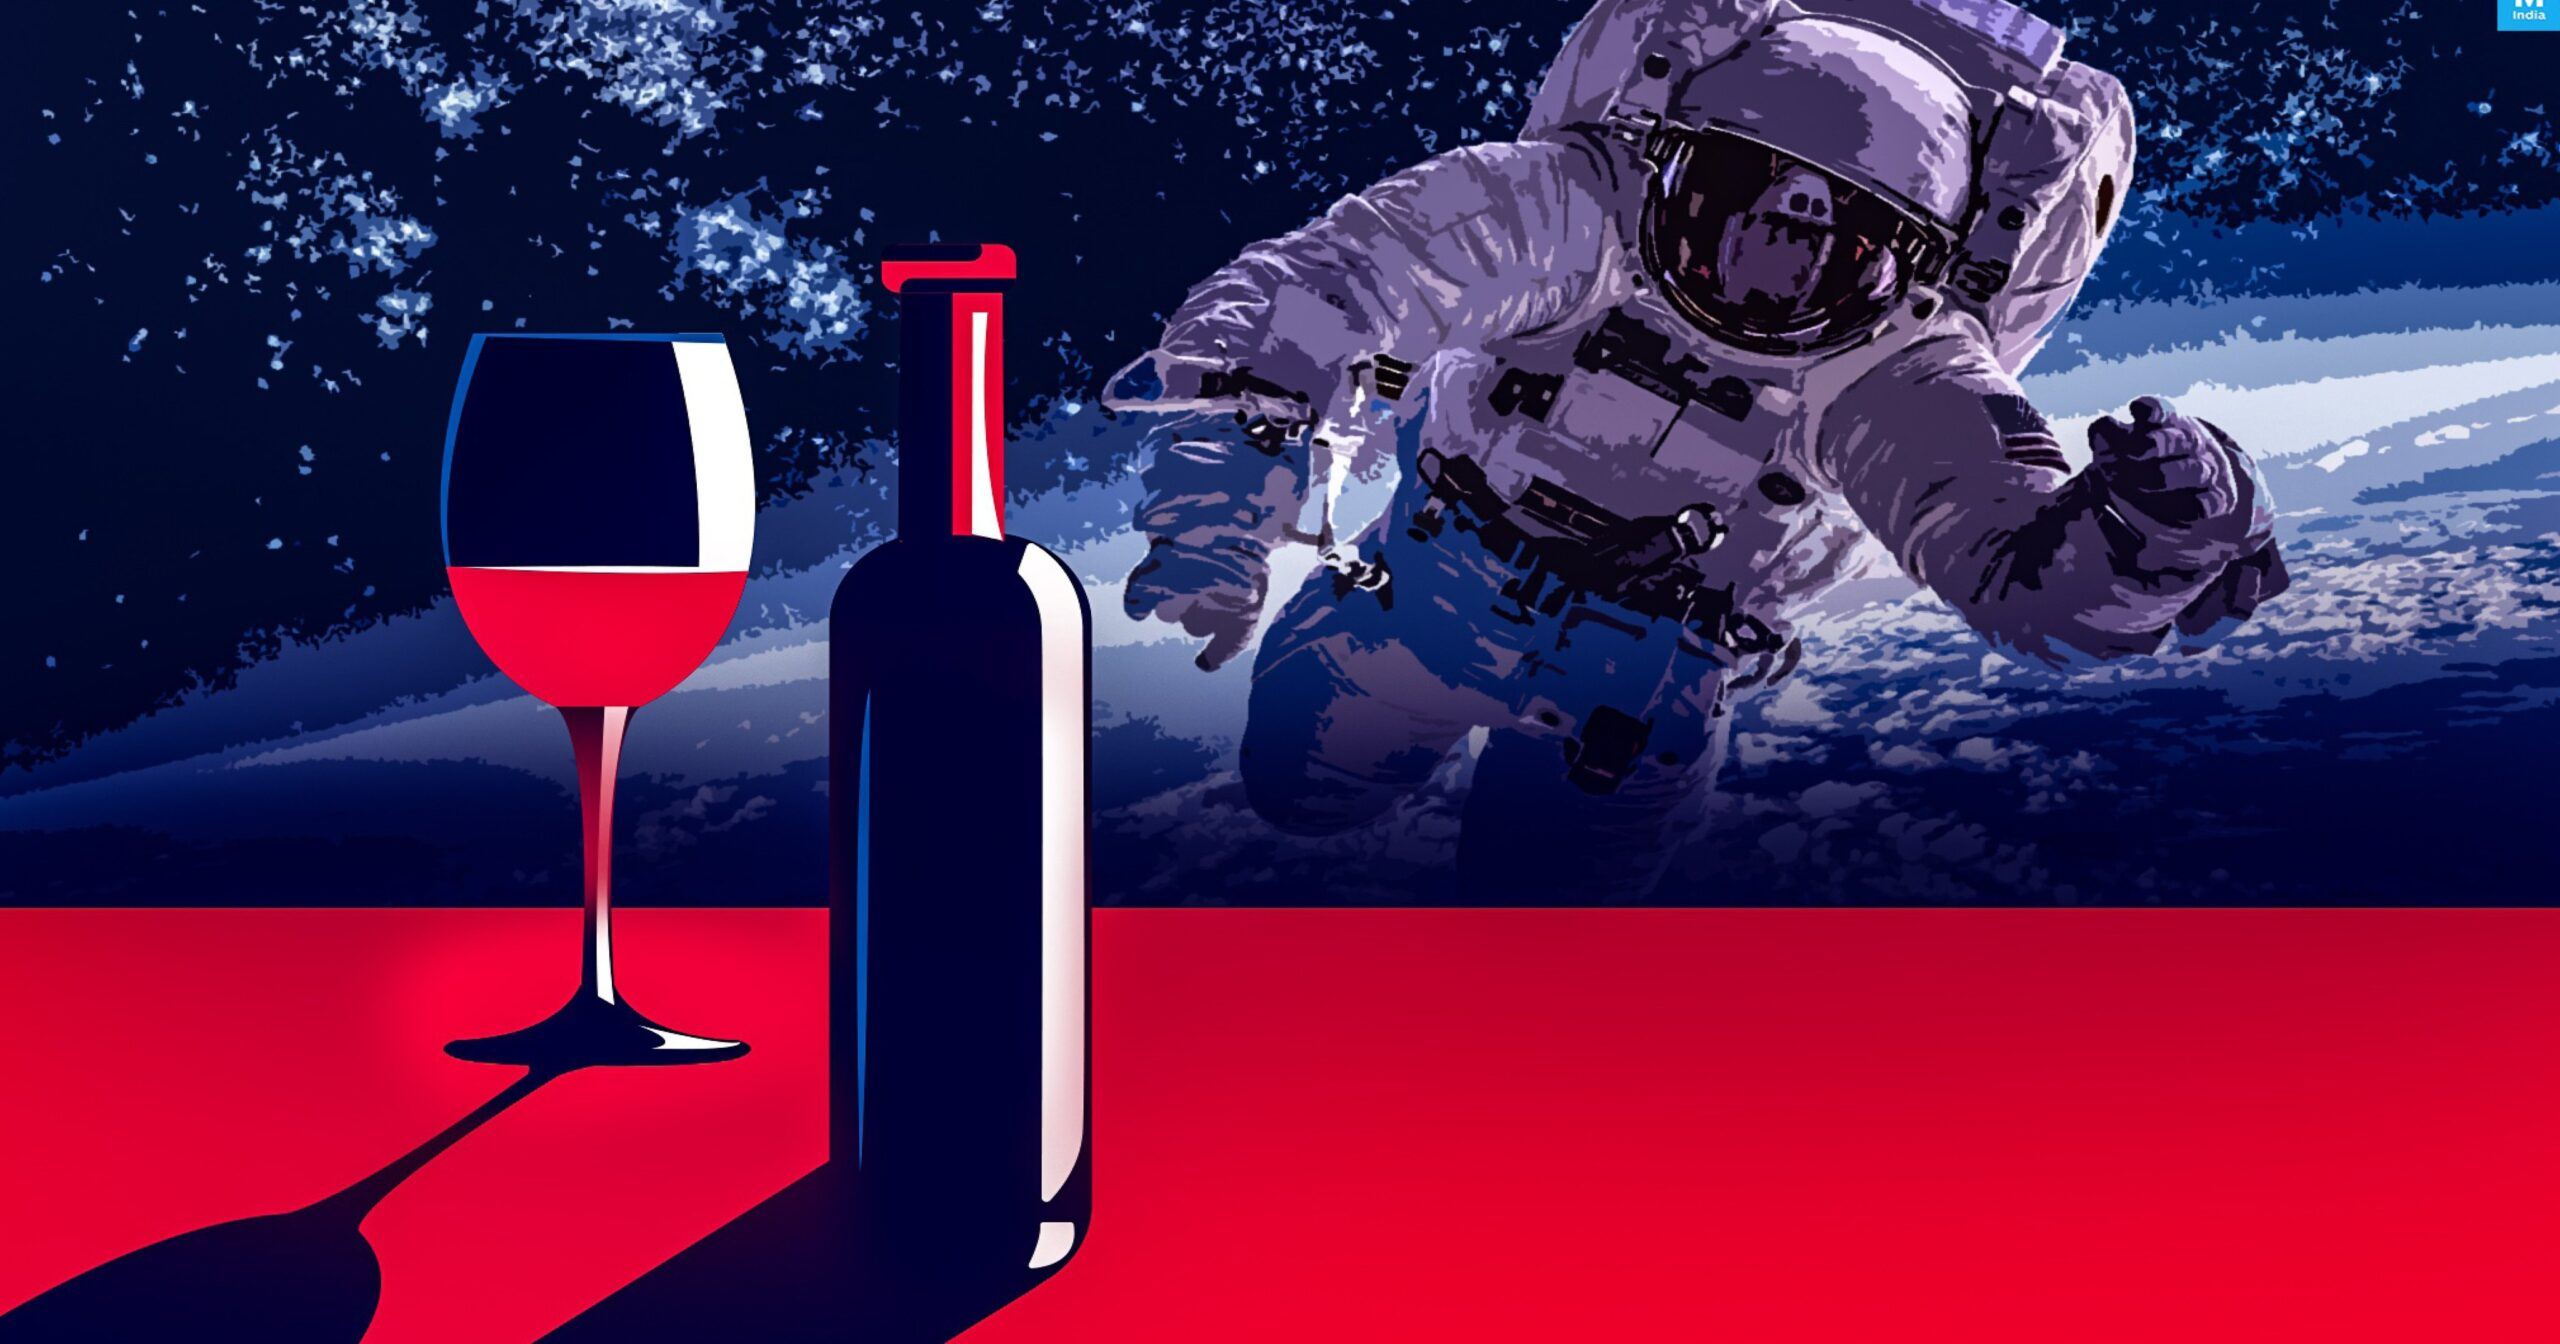 После года на МКС французское вино вернется на Землю.Вокруг Света. Украина